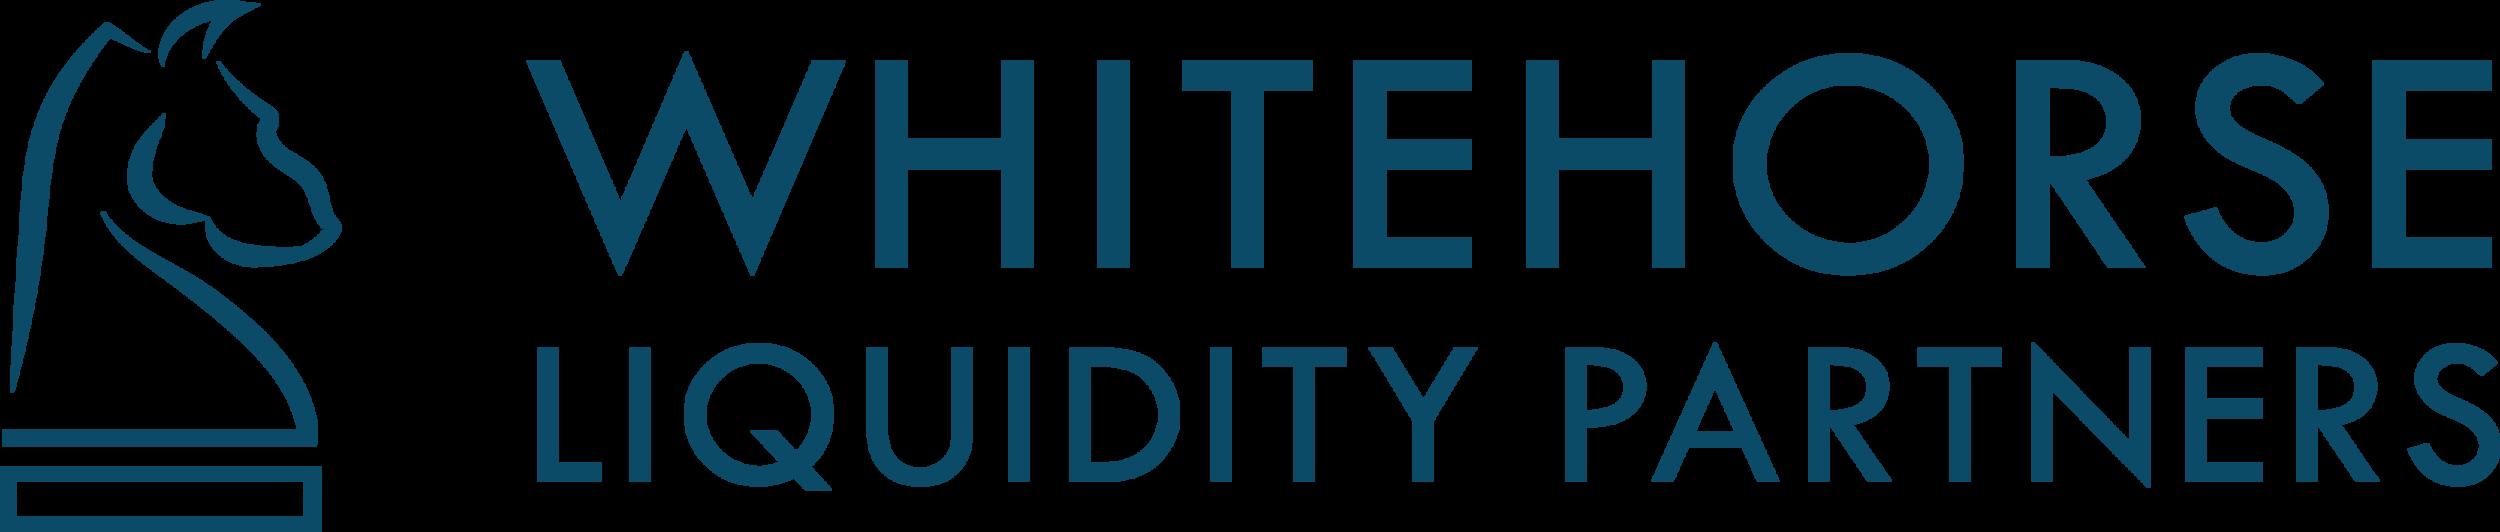 logo-blue-wide-large.png